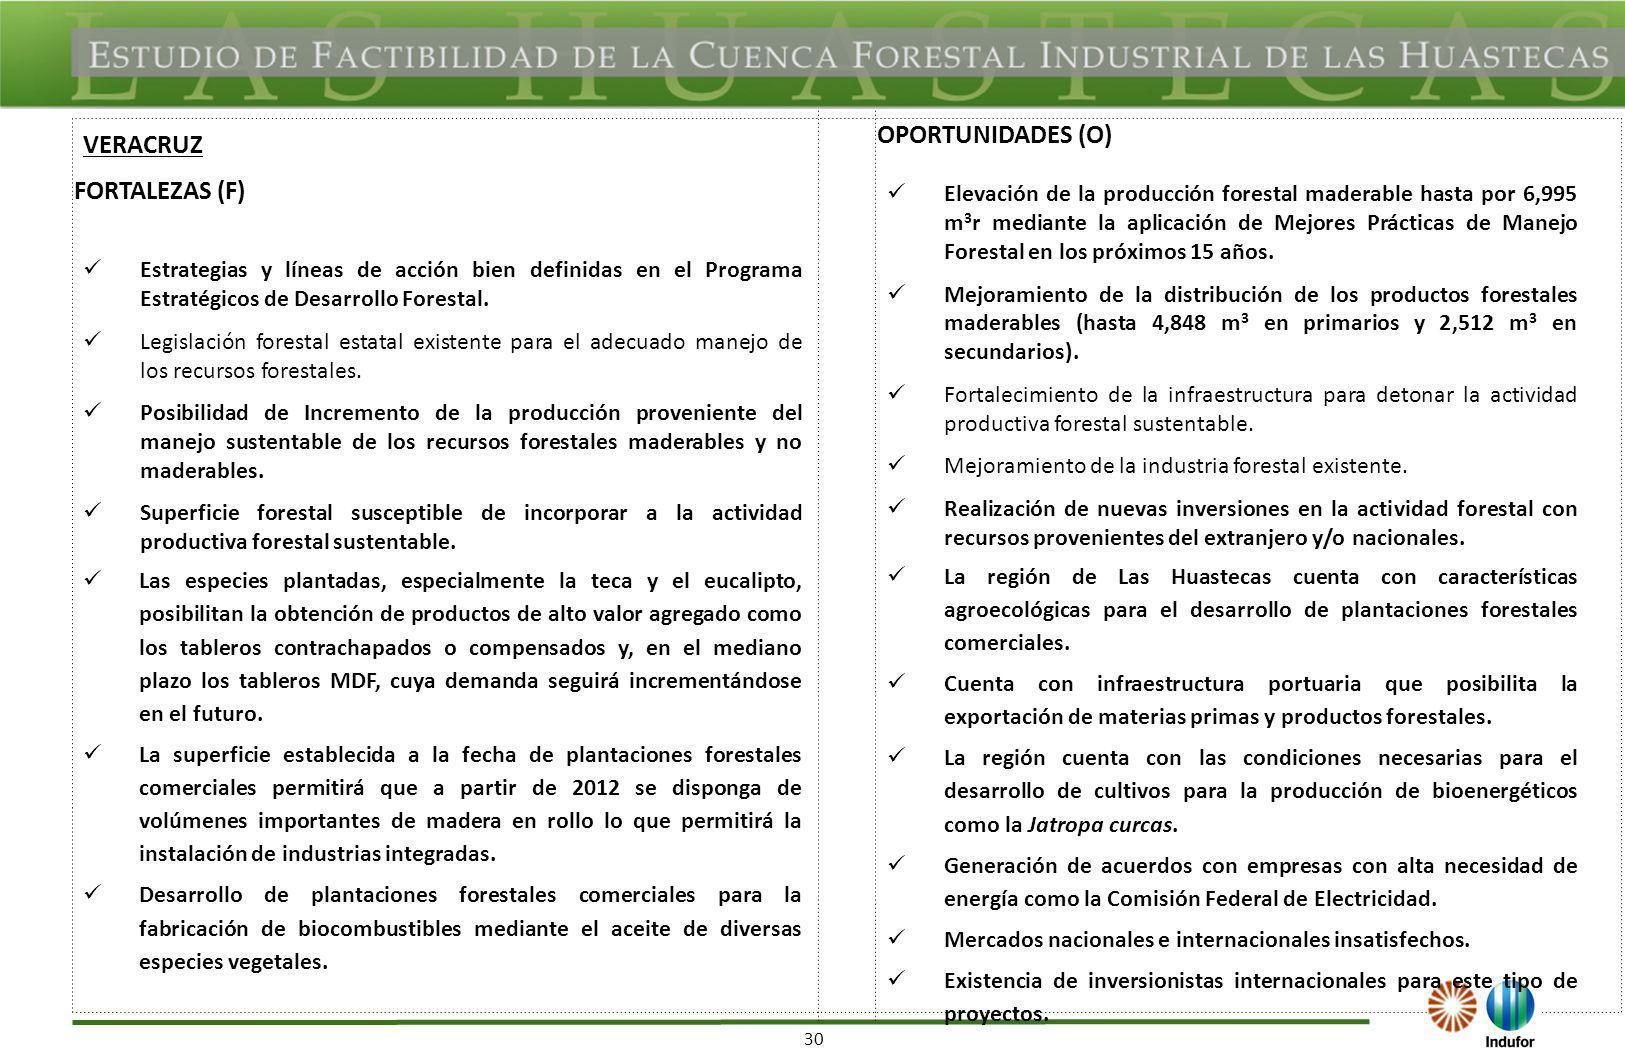 30 FORTALEZAS (F) OPORTUNIDADES (O) Estrategias y líneas de acción bien definidas en el Programa Estratégicos de Desarrollo Forestal. Legislación fore